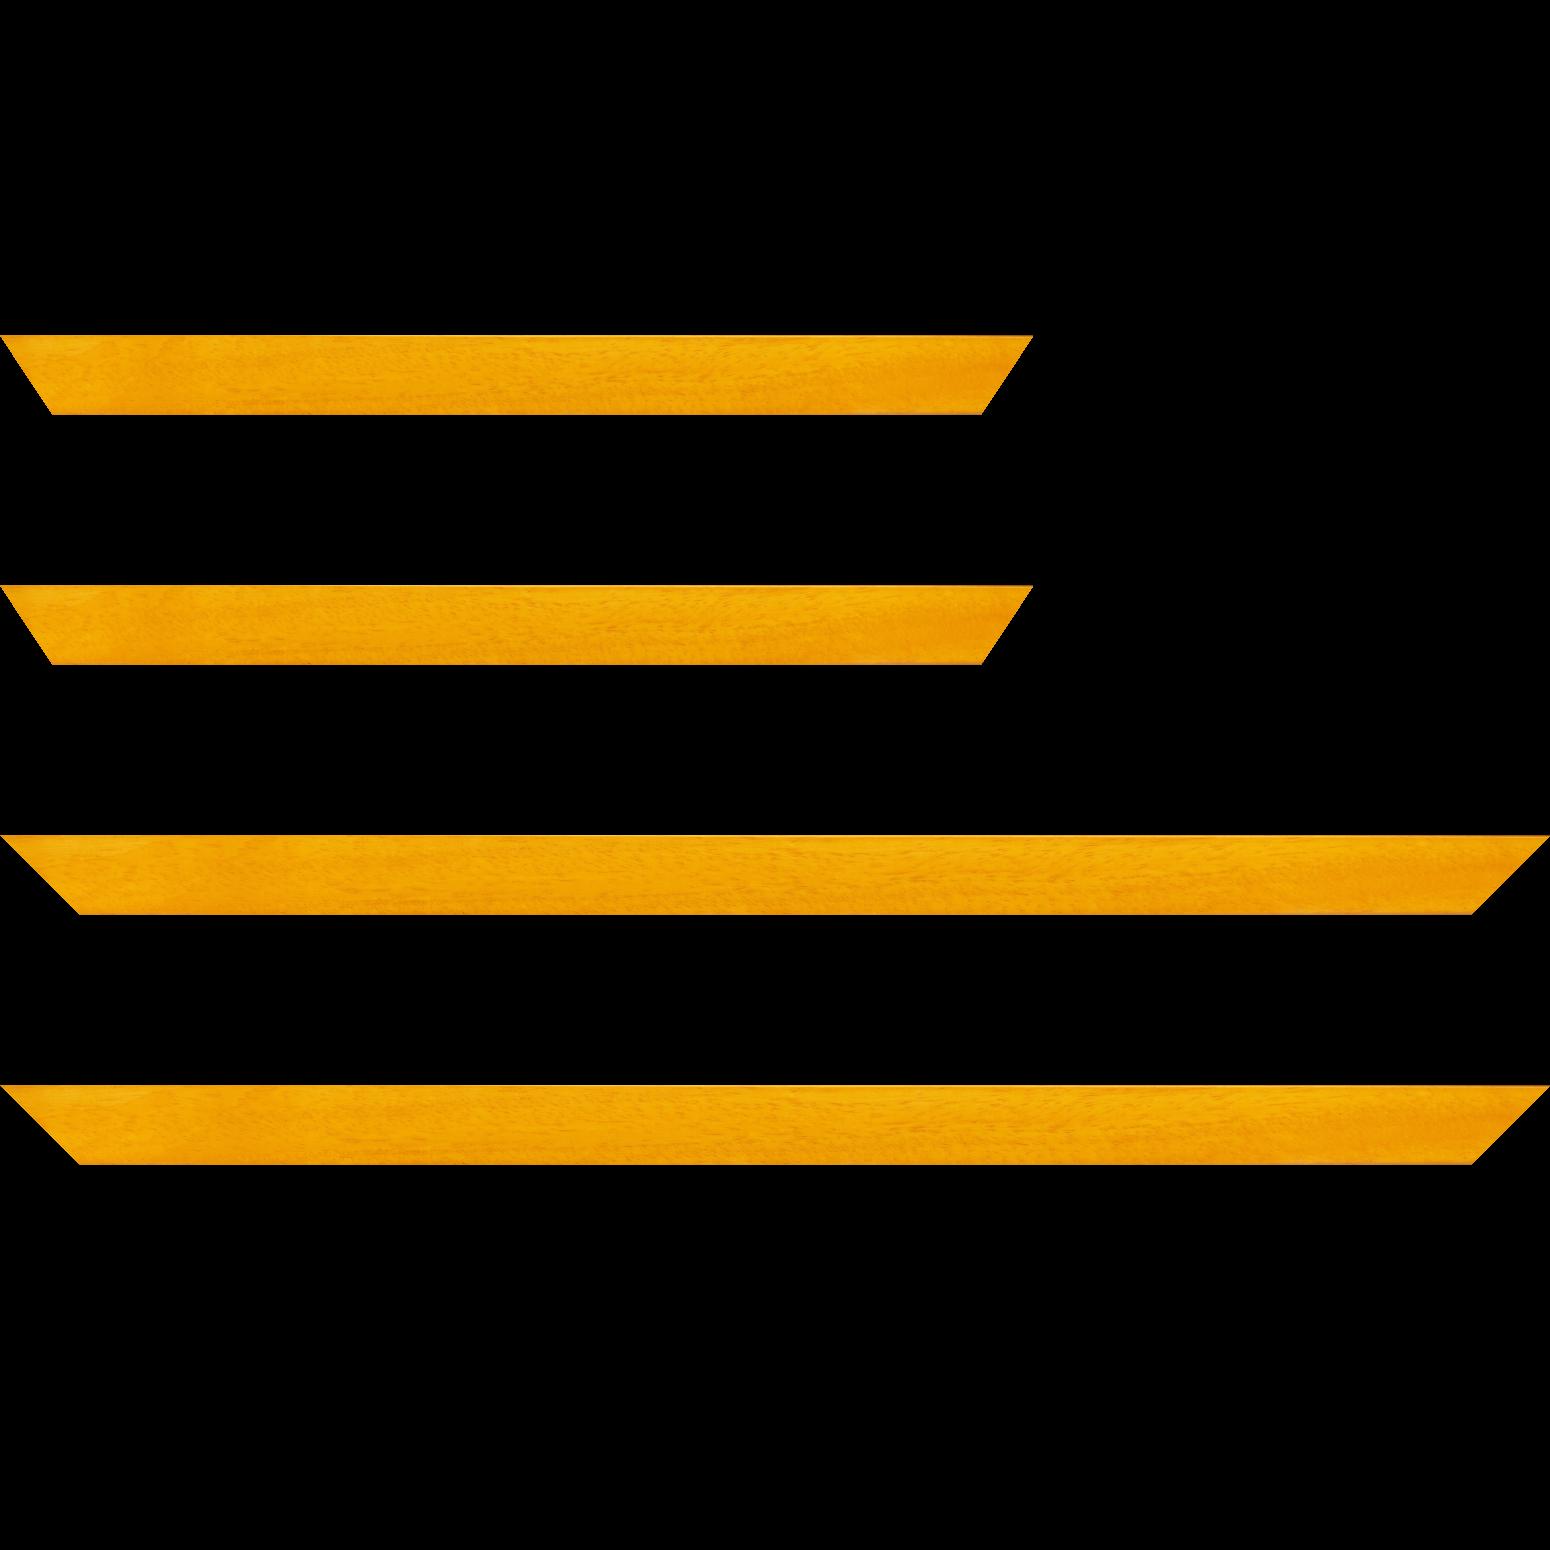 Baguette service précoupé bois profil plat largeur 2.5cm couleur jaune tournesol satiné